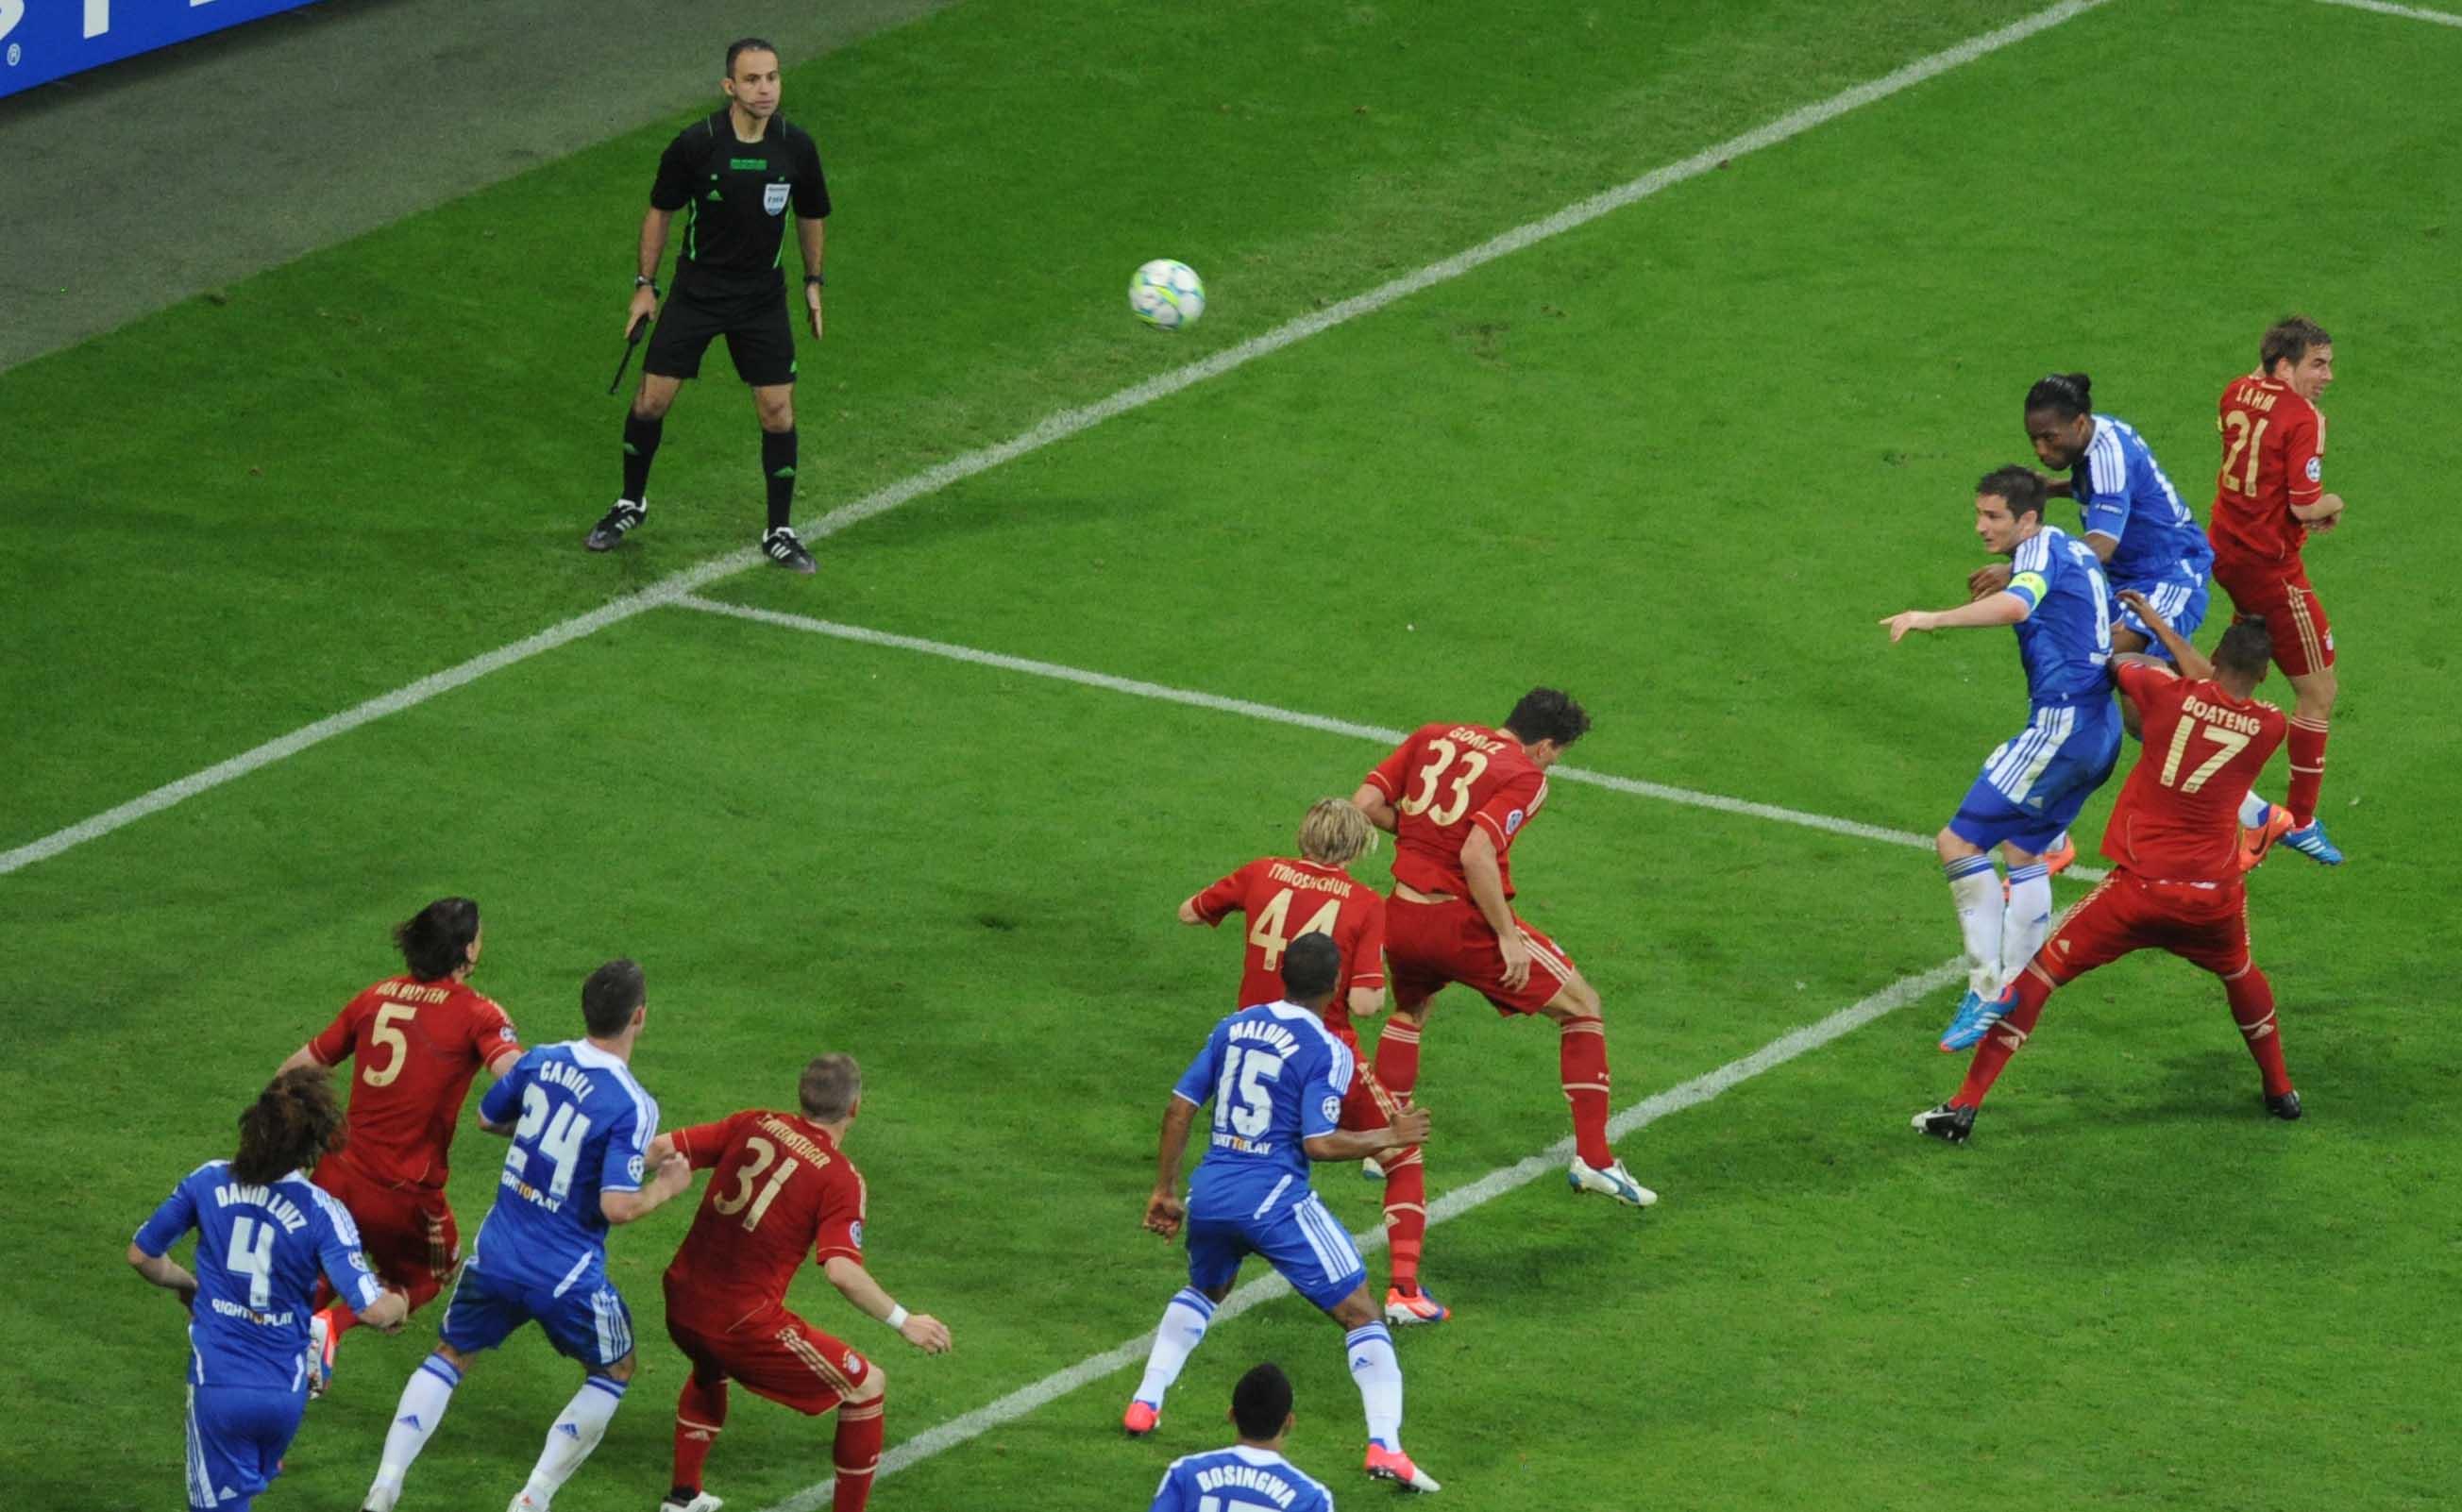 Football - Foot nostalgie : le jour où Didier Drogba mena Chelsea au sacre en Ligue des champions